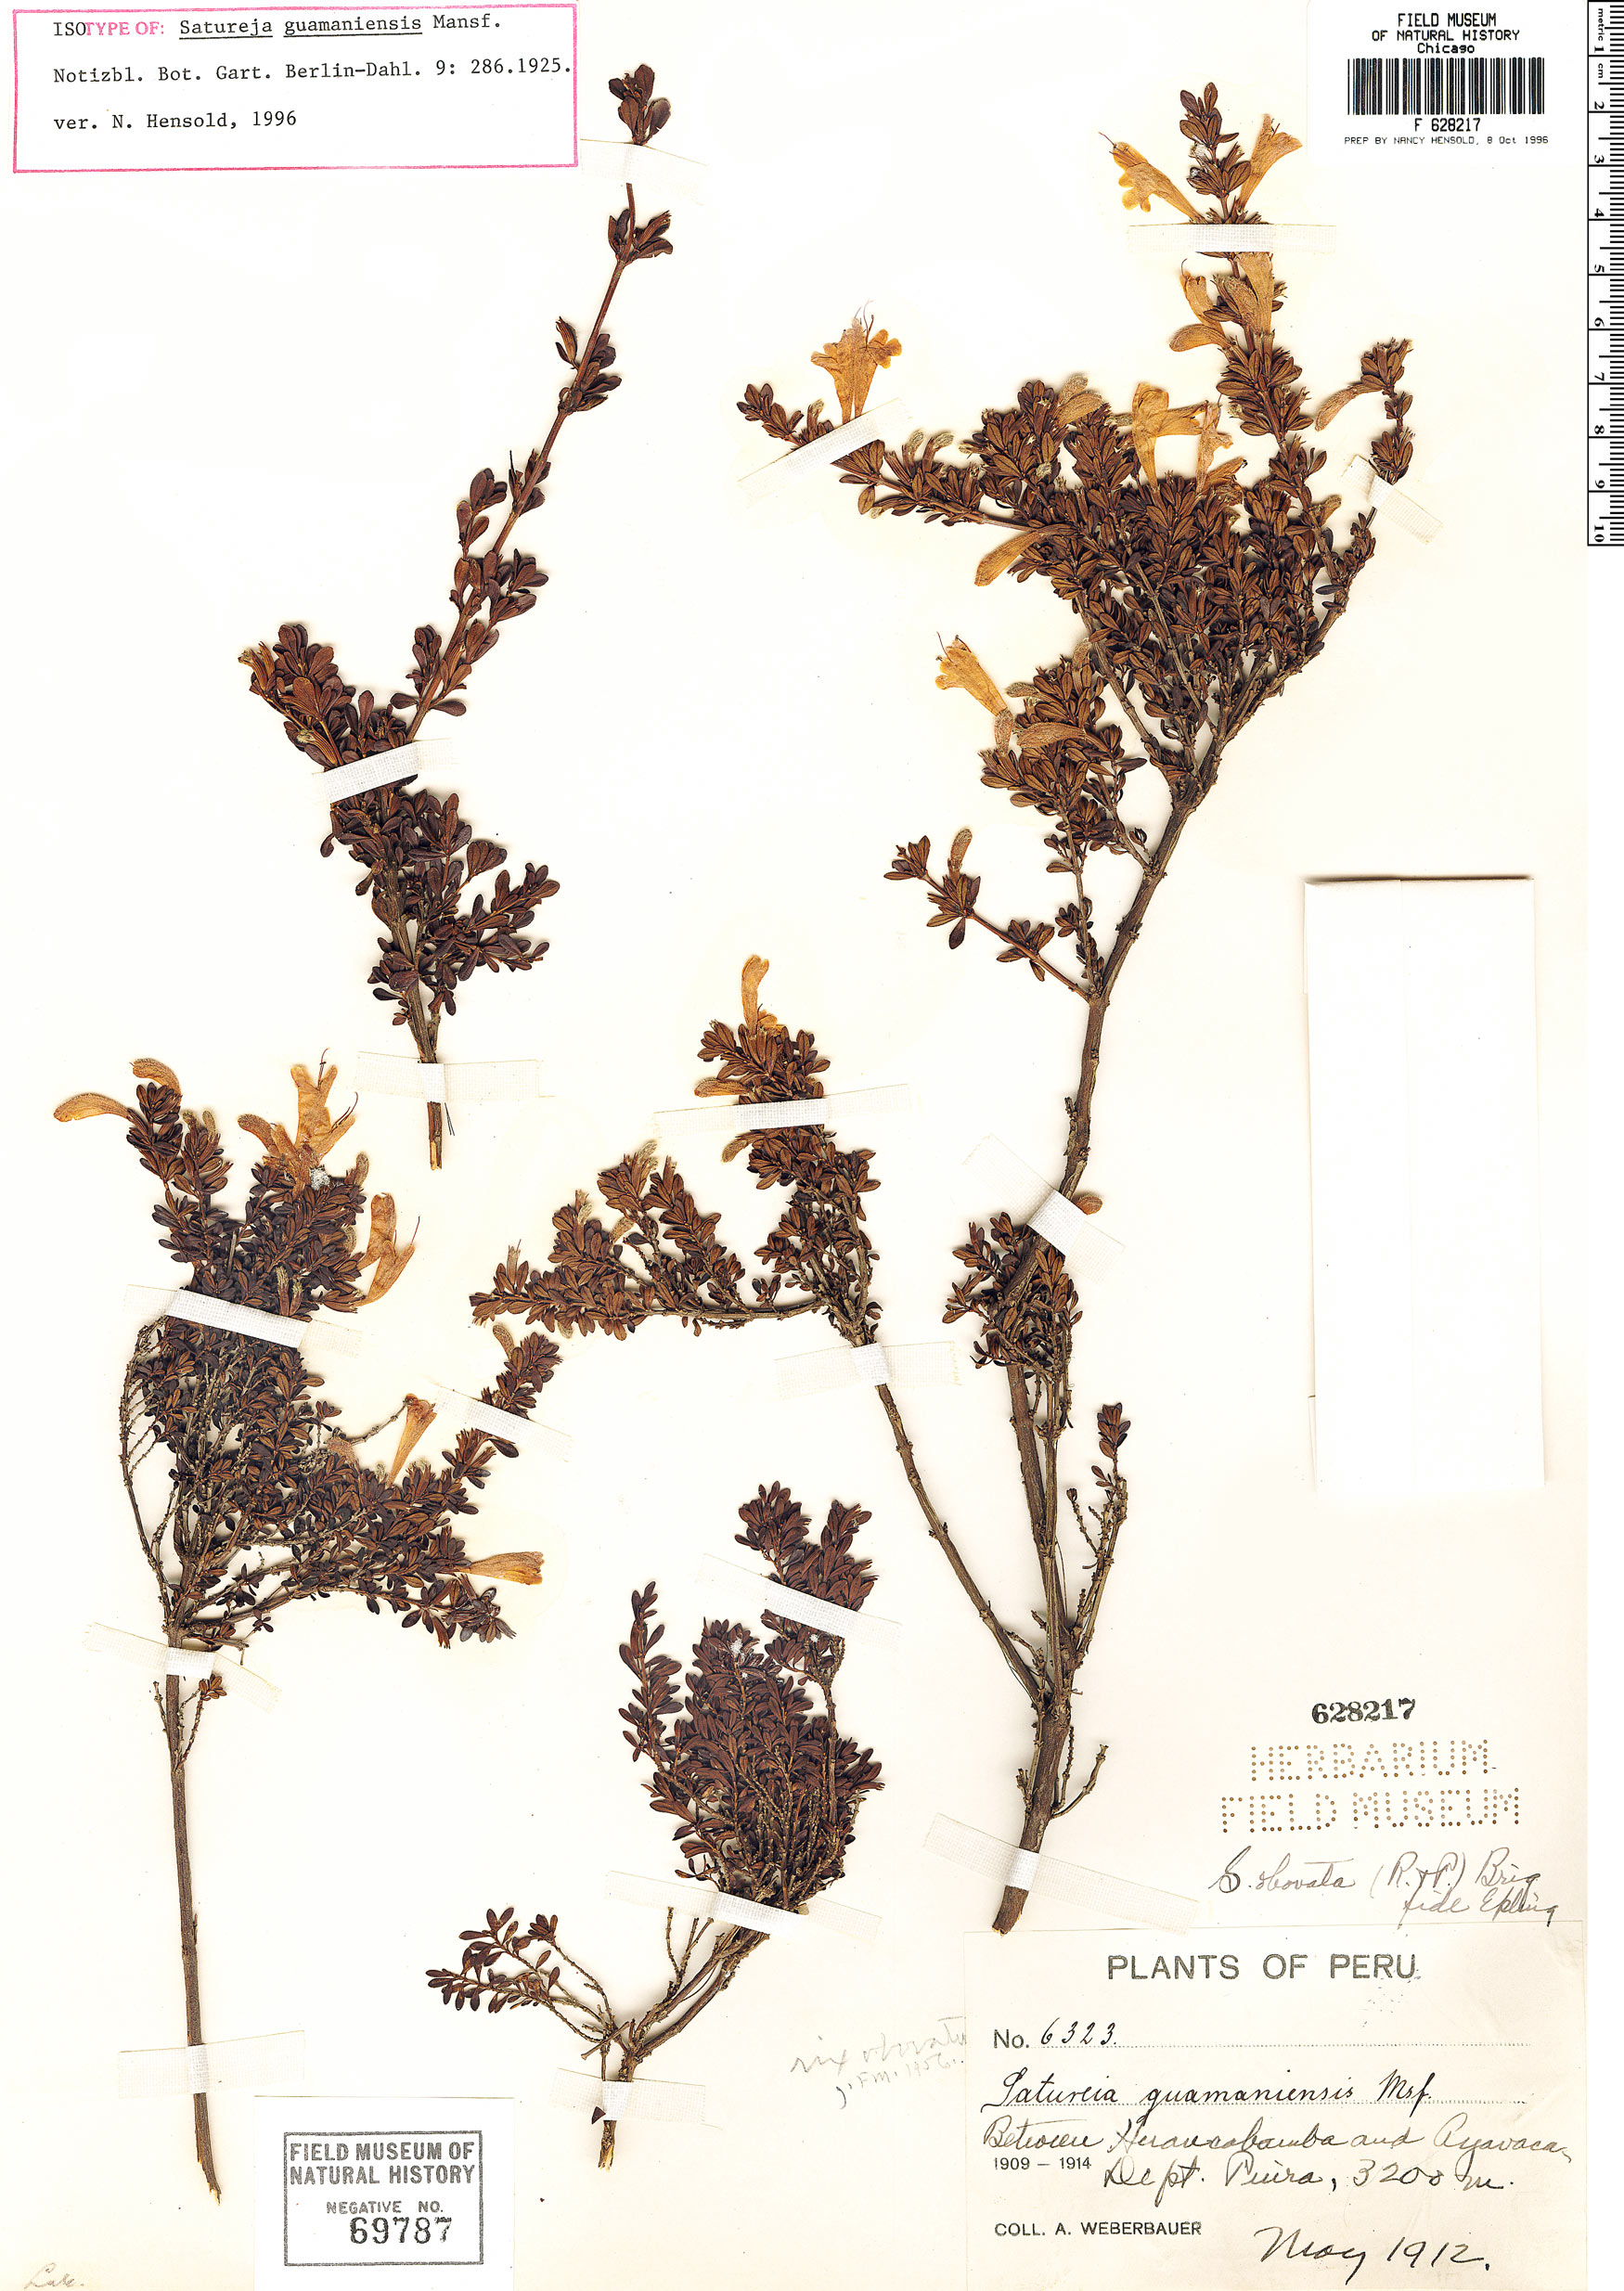 Specimen: Clinopodium obovatum